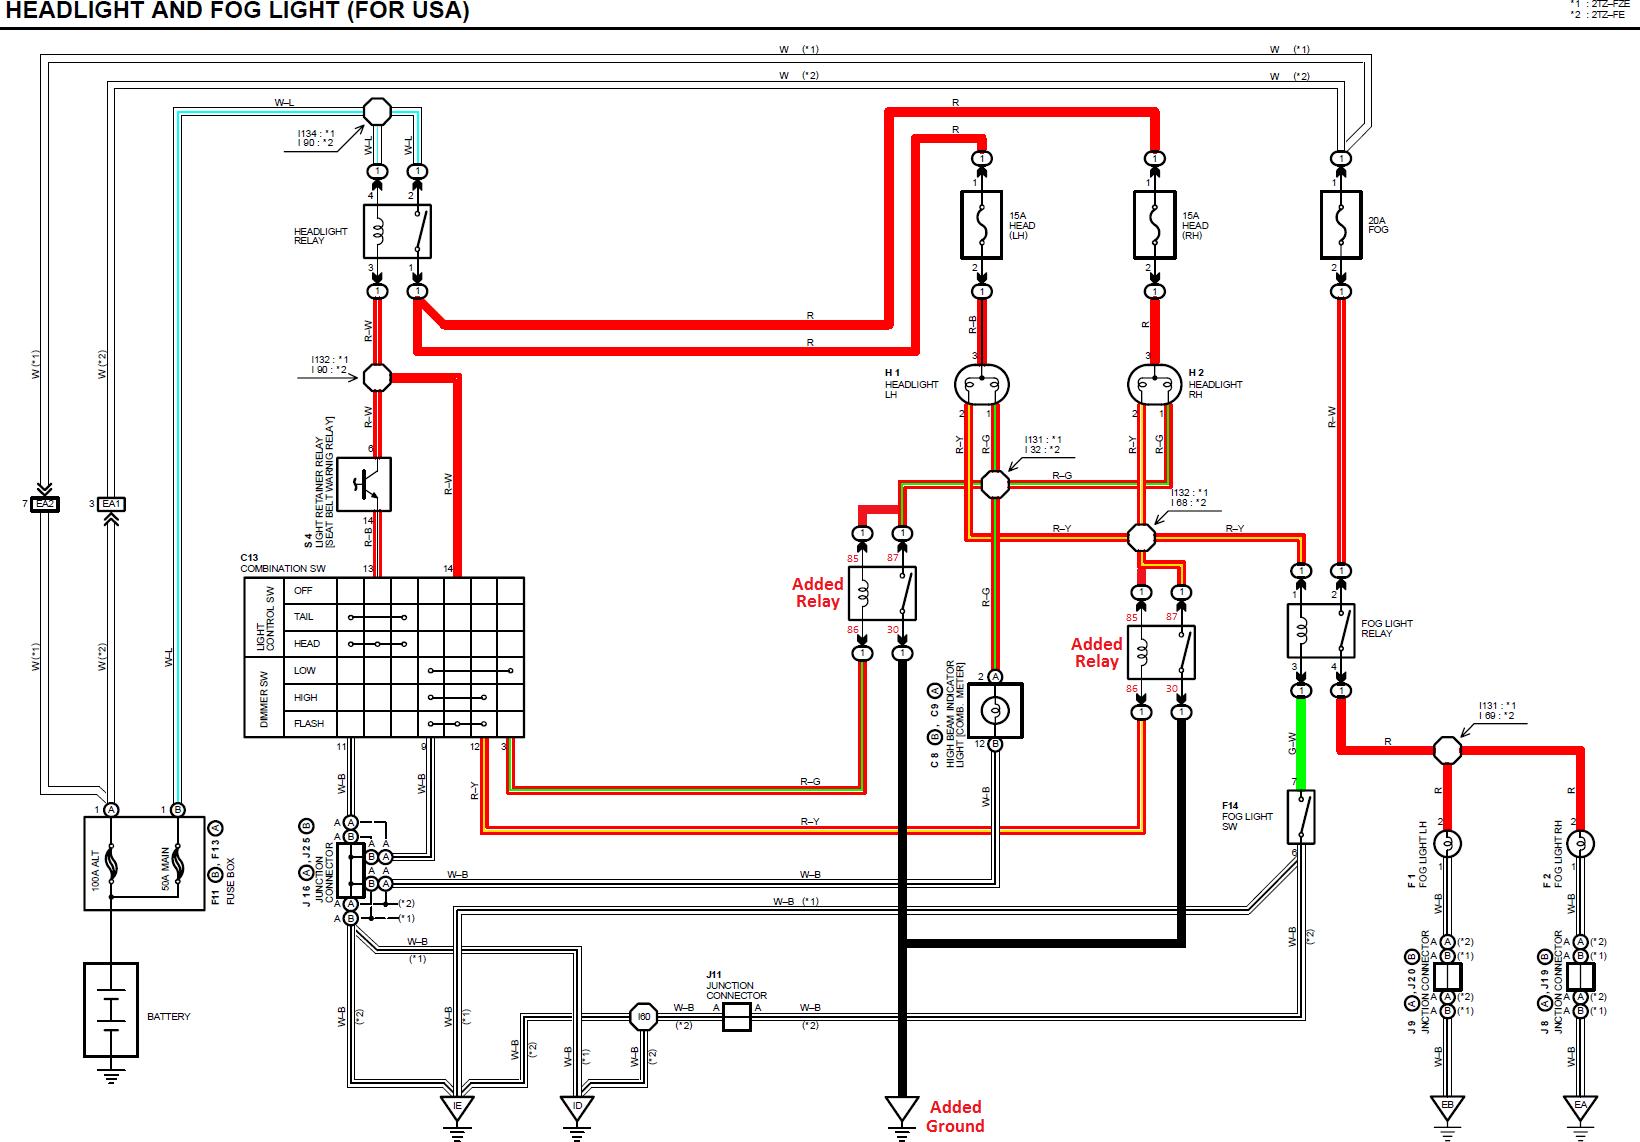 Peachy H4 Headlight Wiring Diagram Infiniti Wiring Diagram Wiring Database Ittabxeroyuccorg